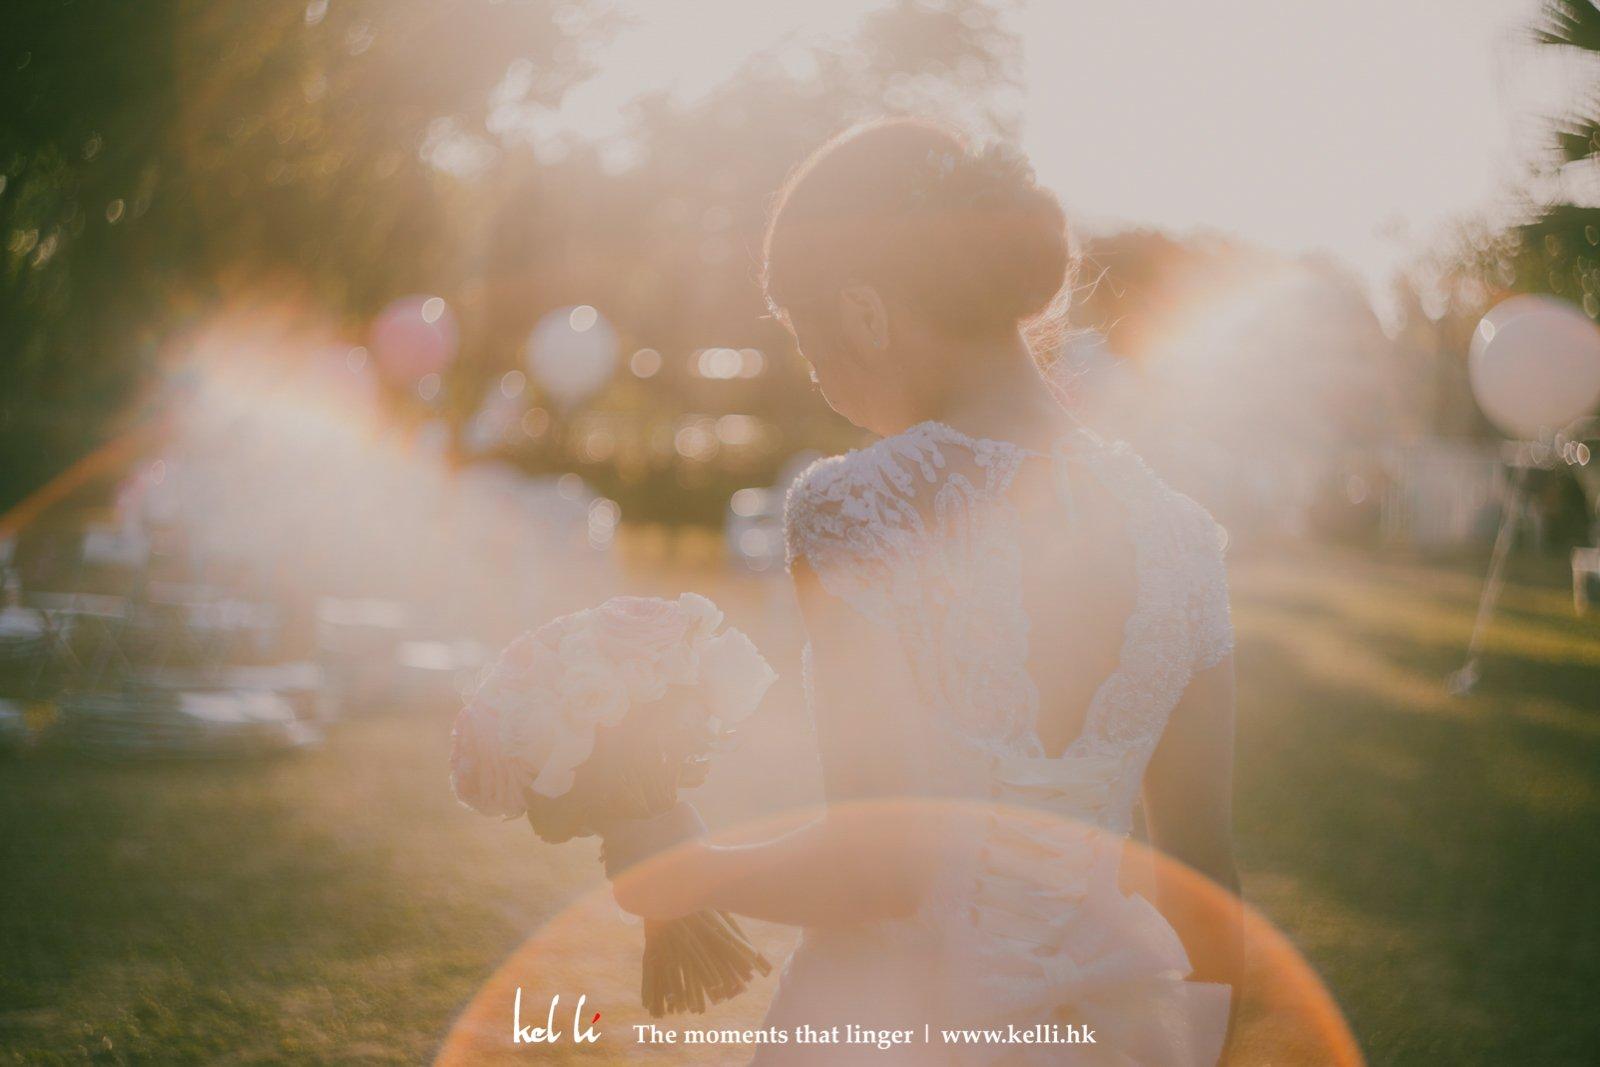 走著帶出優雅和暖感覺的婚紗照